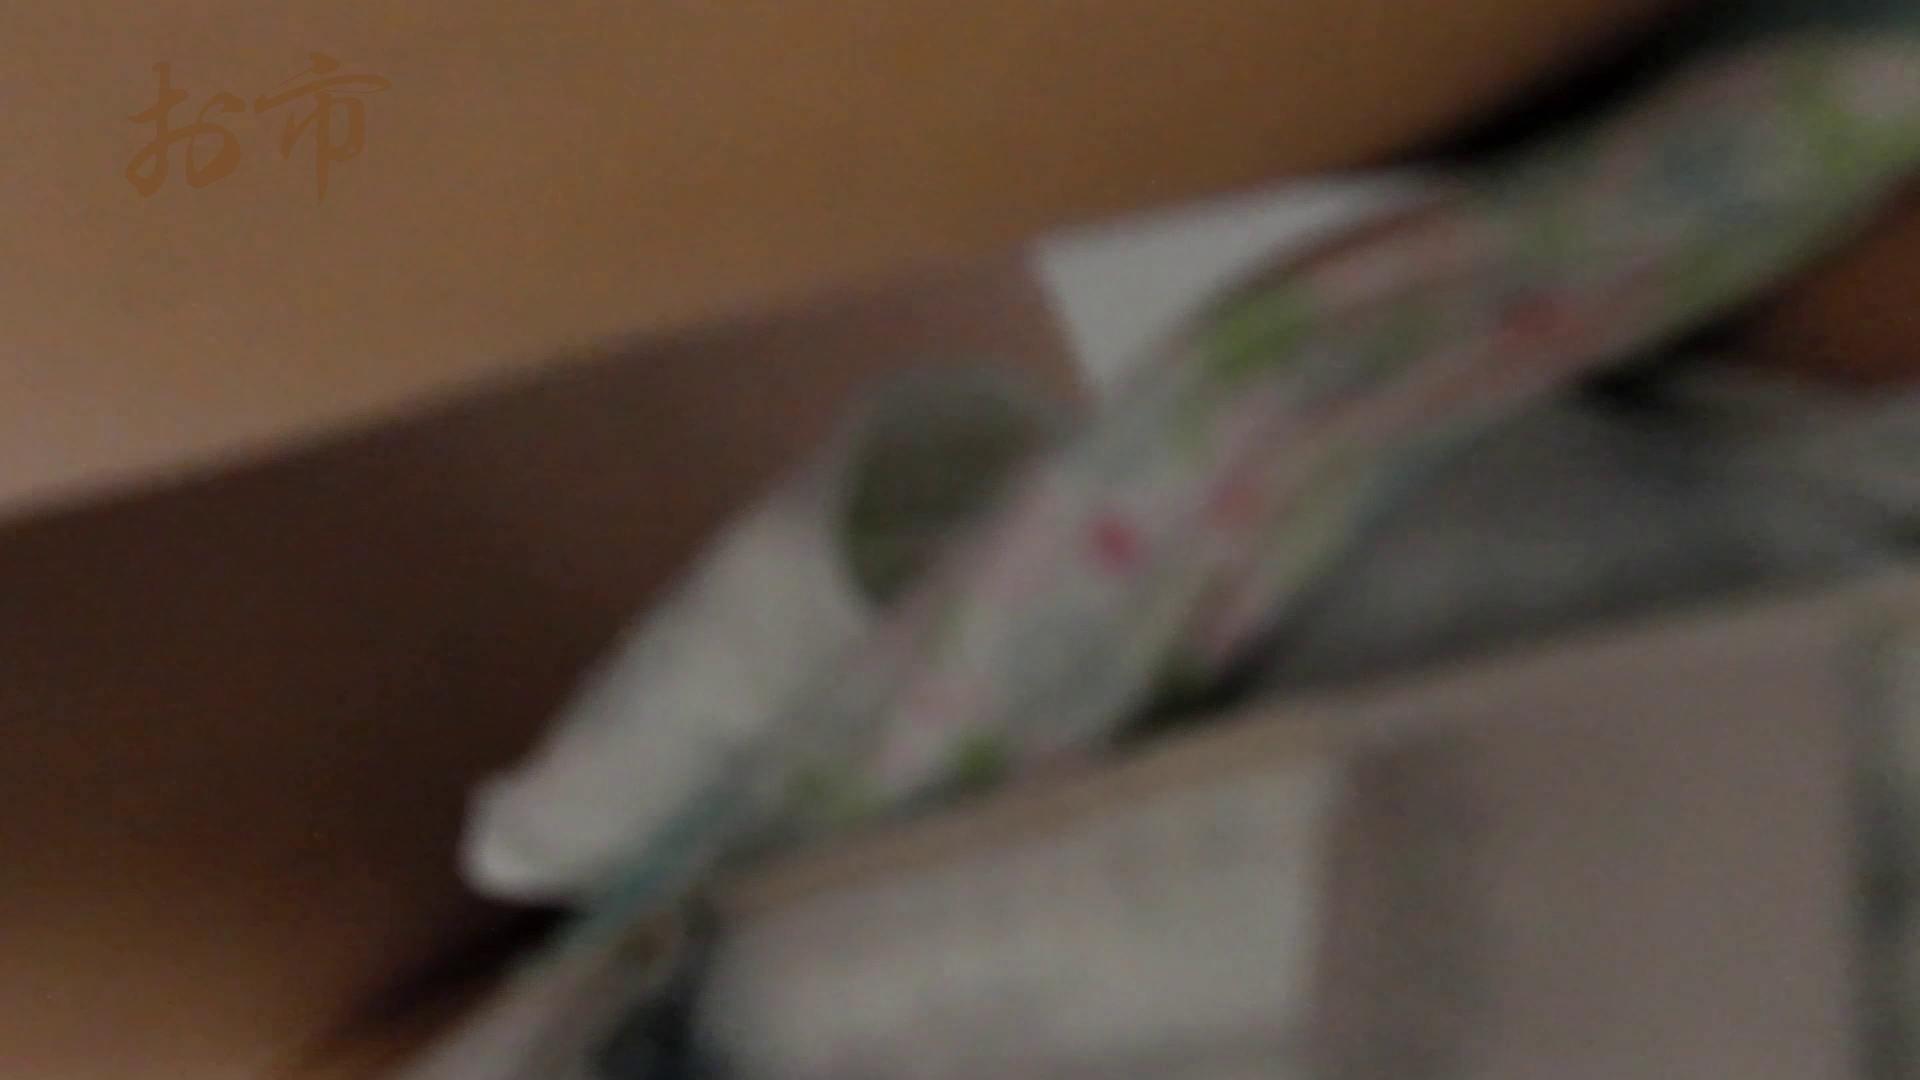 潜入!!台湾名門女学院 Vol.12 長身モデル驚き見たことないシチュエーション 盗撮  105PIX 68